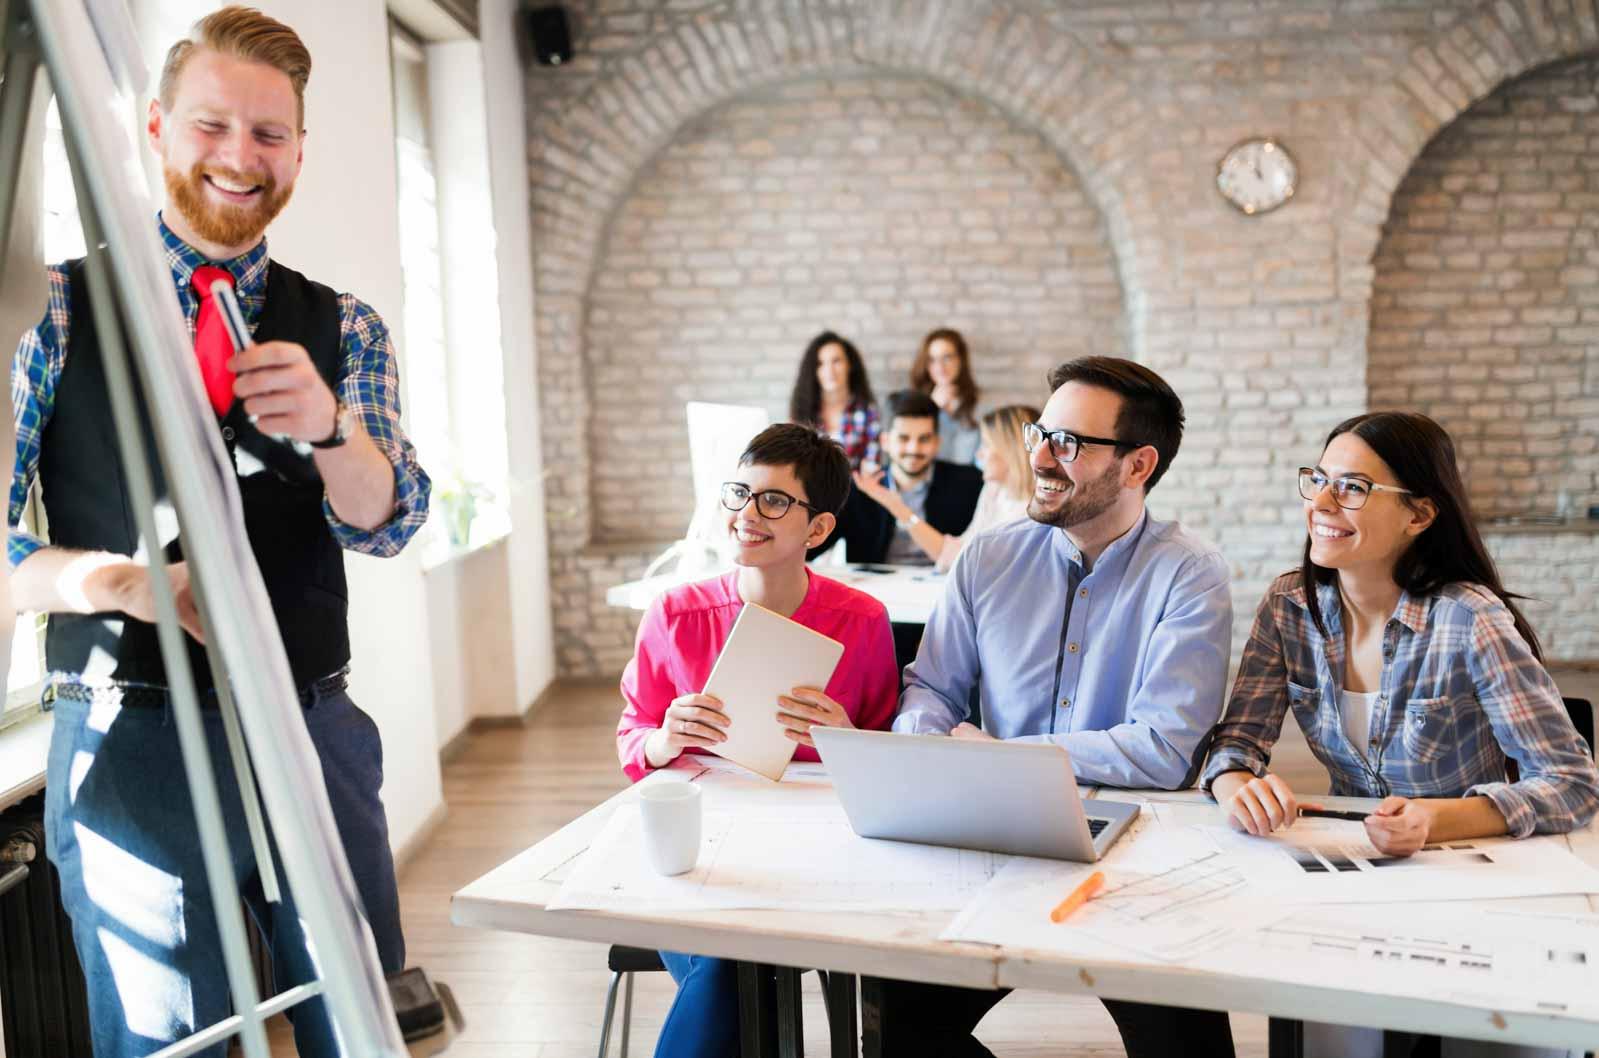 Comment les outils du digital learning facilitent la transformation digitale de l'entreprise ?